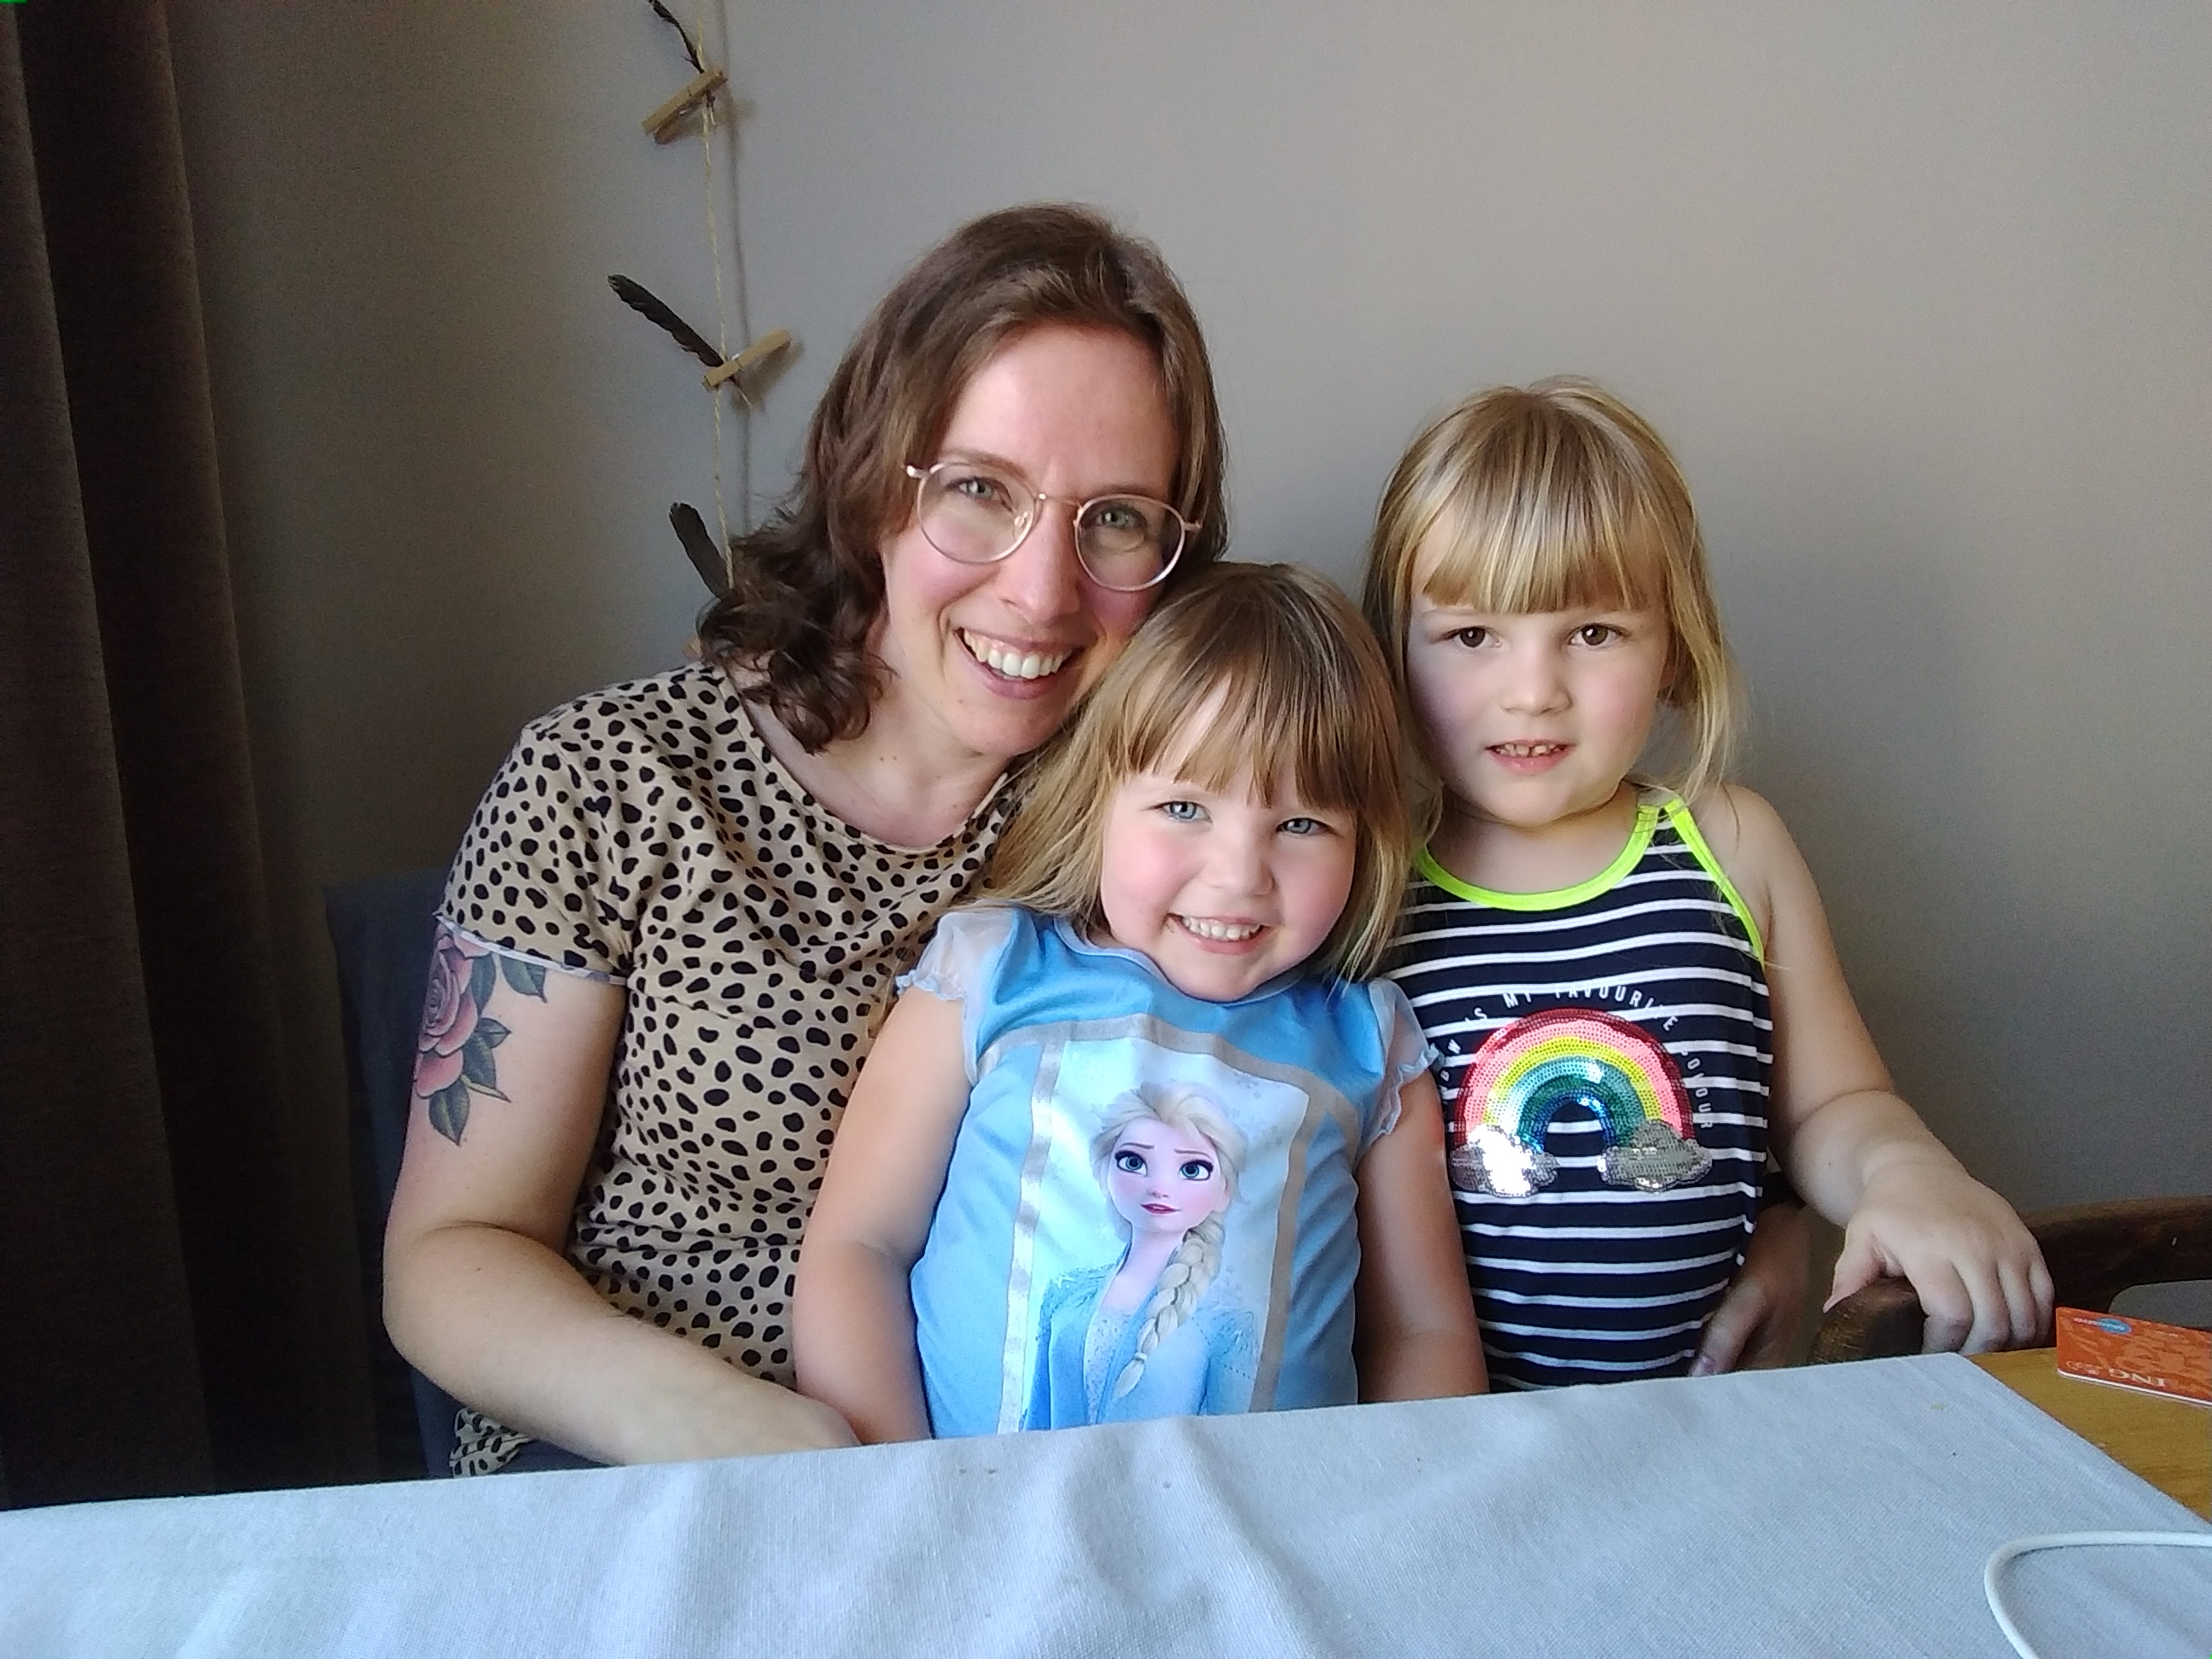 leren, moederschap, leren van je kinderen, mama zijn, mamablog, mama van drie, lalog.nl, lalogblog